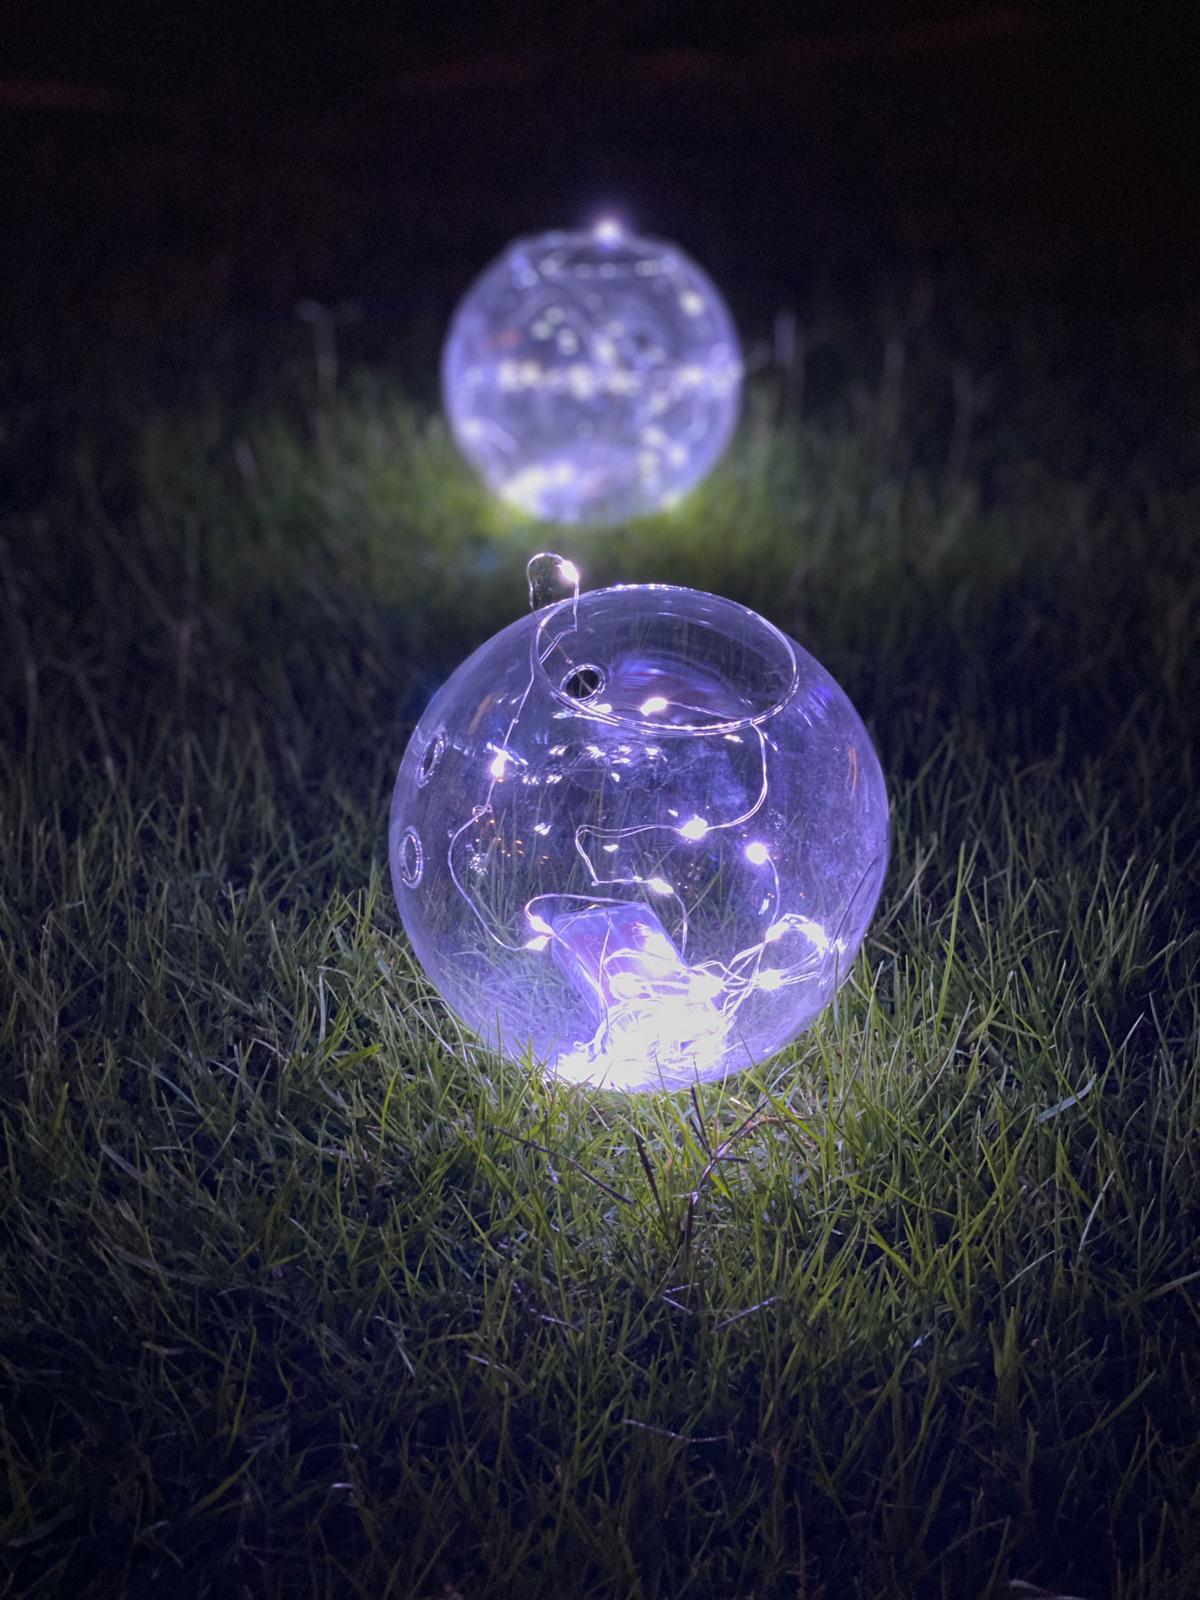 فازات زجاجية مدورة مع إضاءة - 5 فازات  'موسم الأعياد